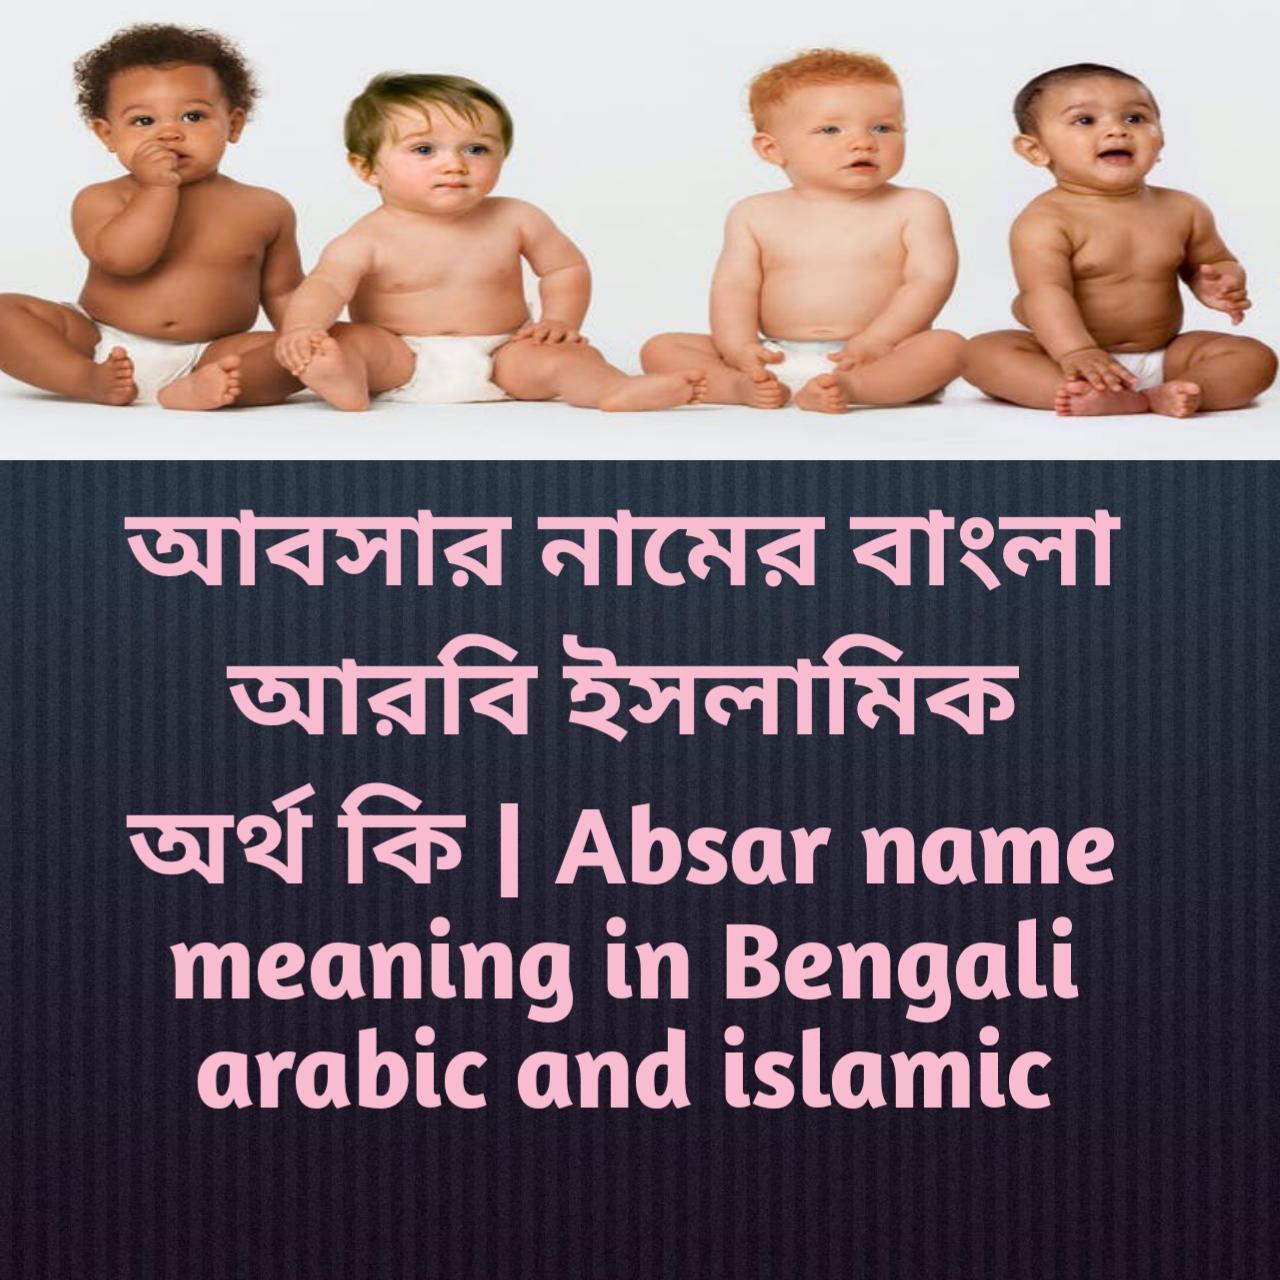 আবসার নামের অর্থ কি, আবসার নামের বাংলা অর্থ কি, আবসার নামের ইসলামিক অর্থ কি, Absar name meaning in Bengali, আবসার কি ইসলামিক নাম,